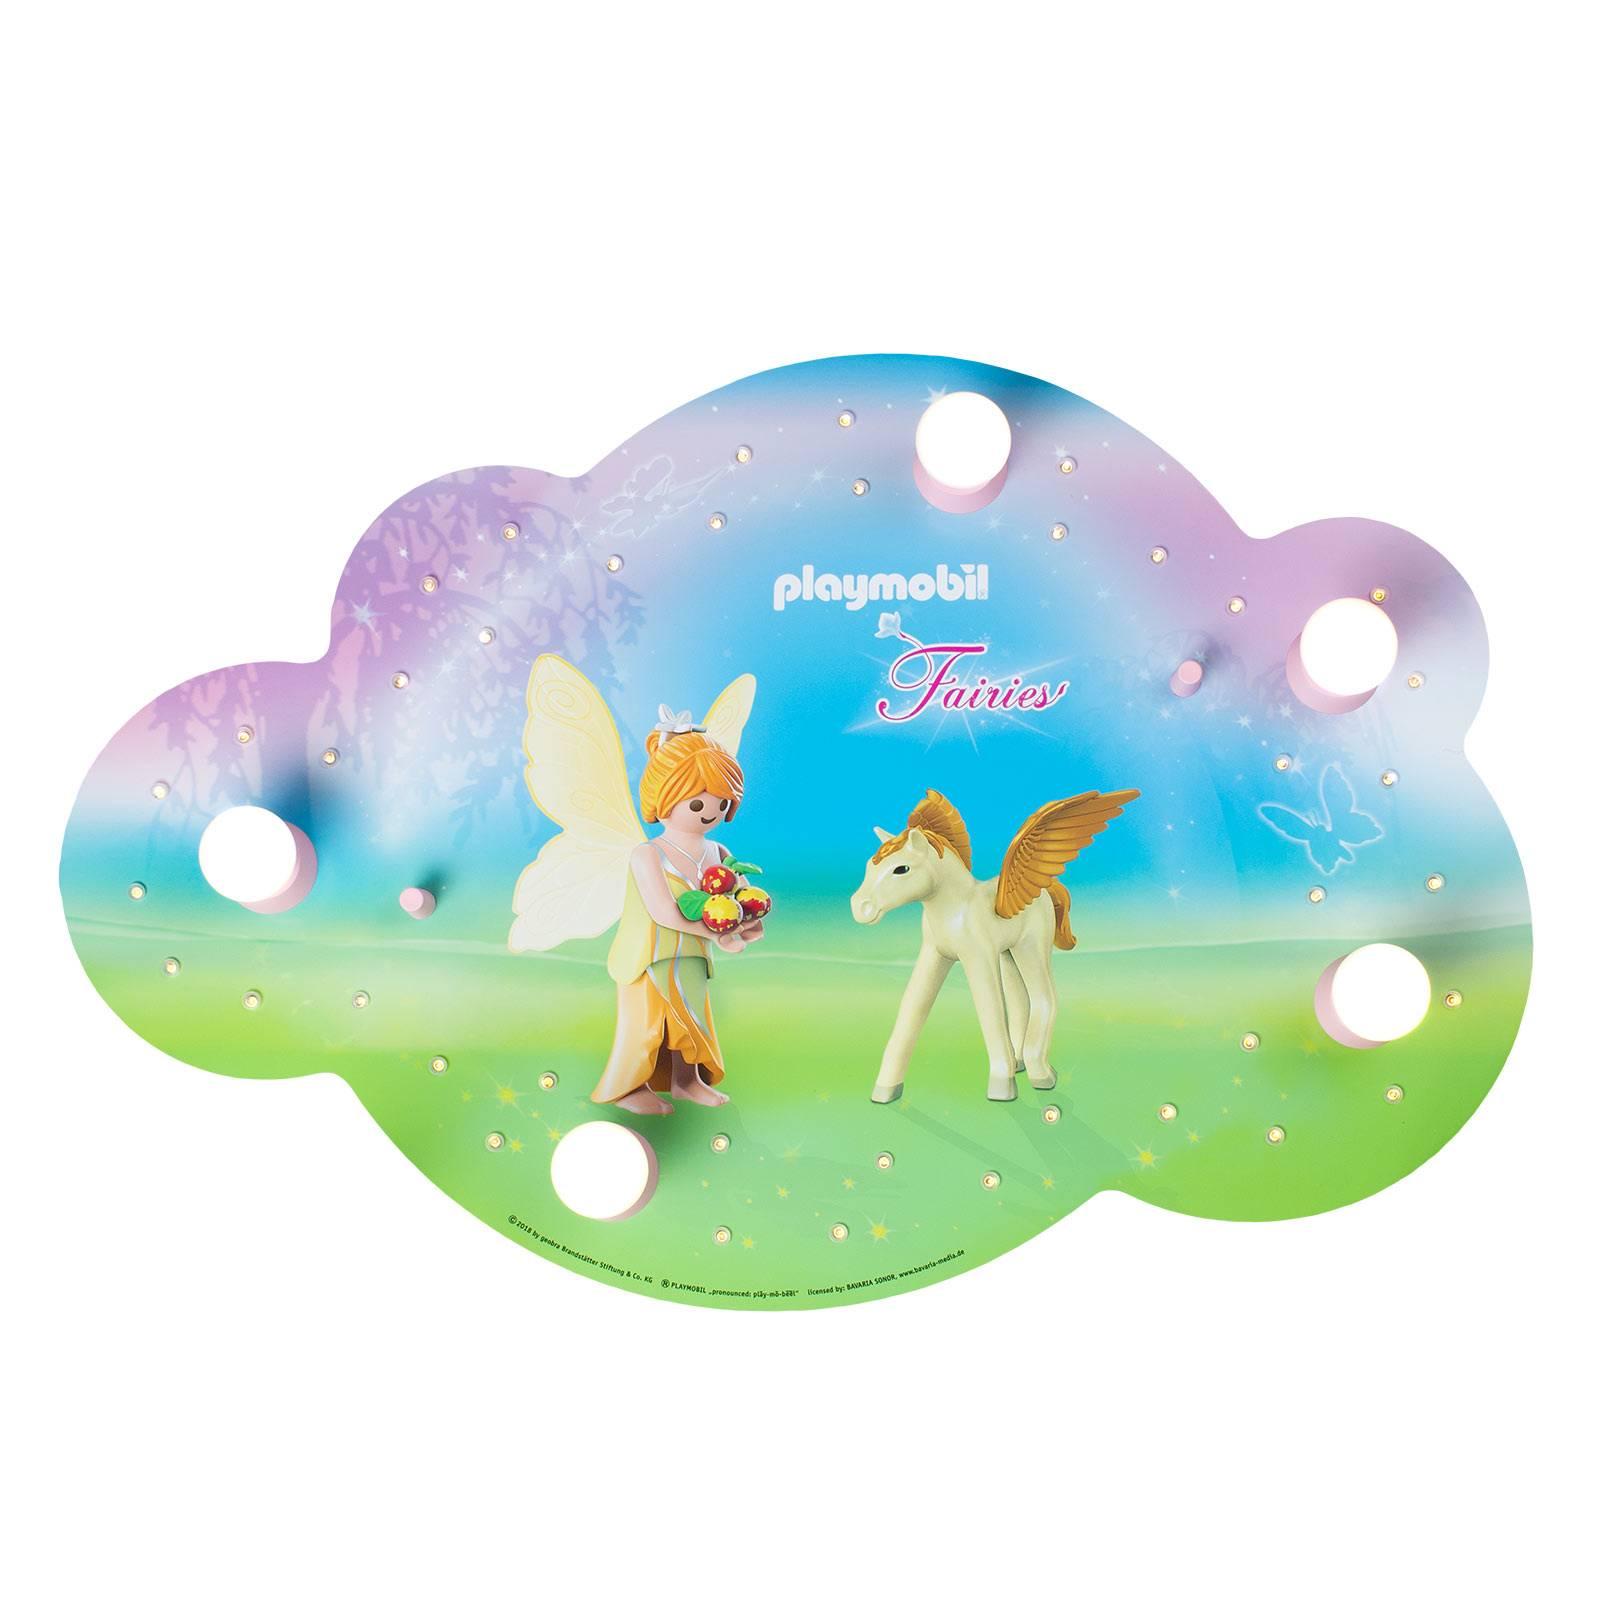 Kattovalaisin PLAYMOBIL Fairies, pilvi